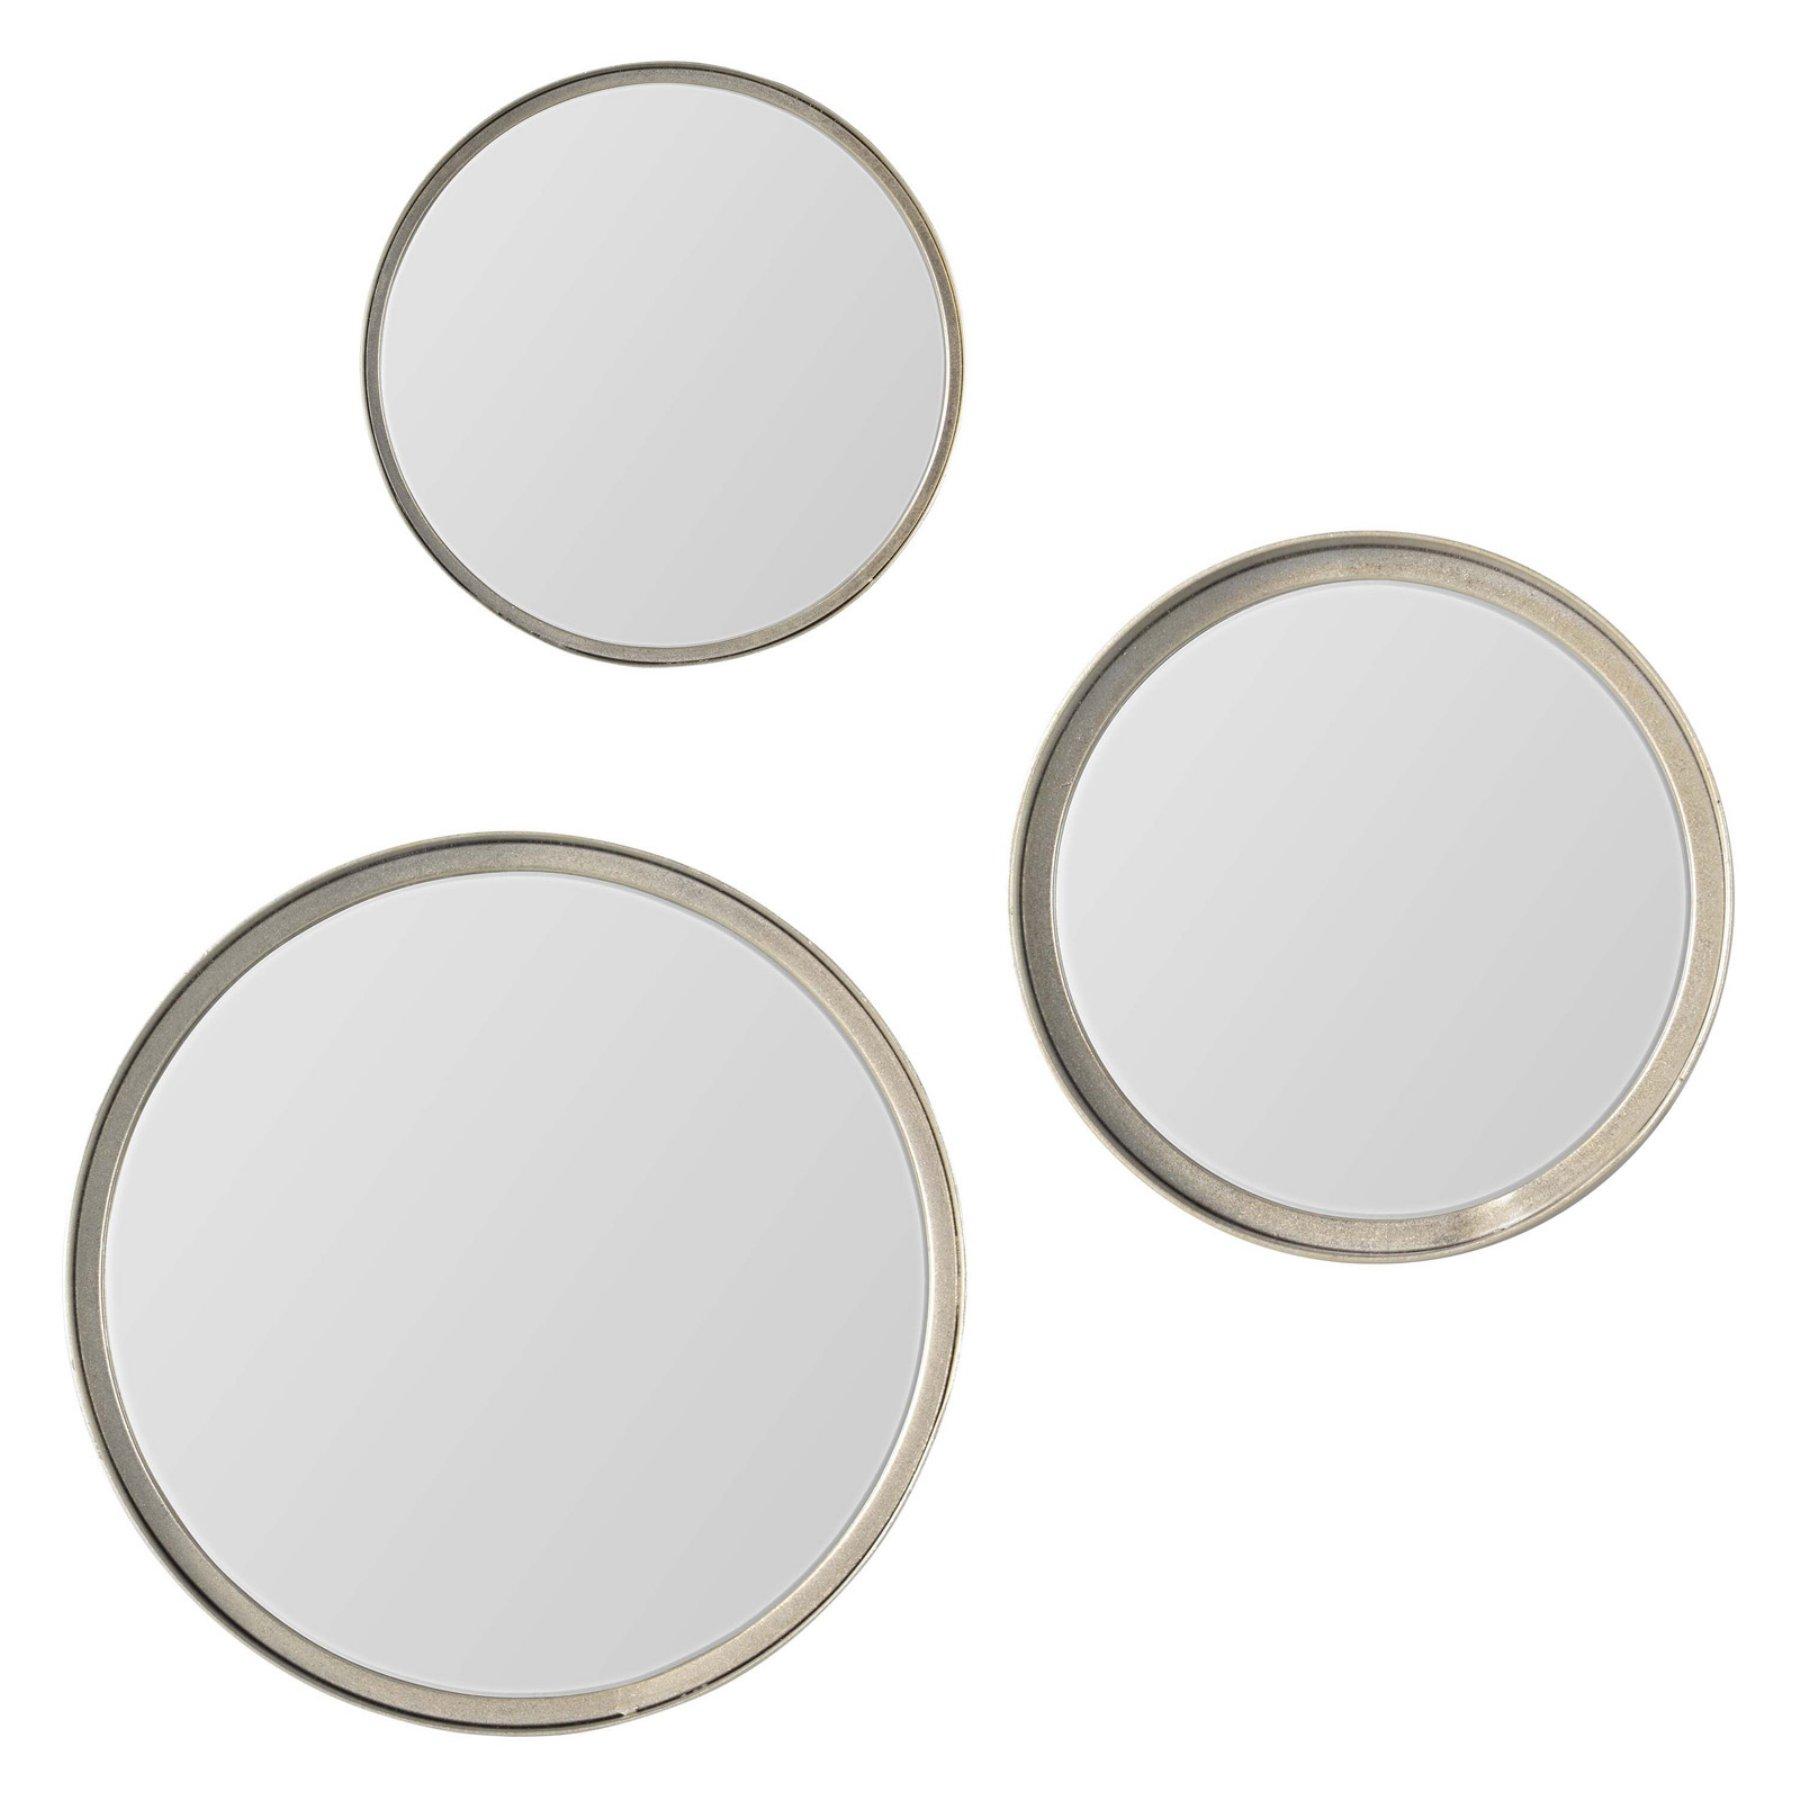 Renwil Volta Round Wall Mirror  Set Of 3